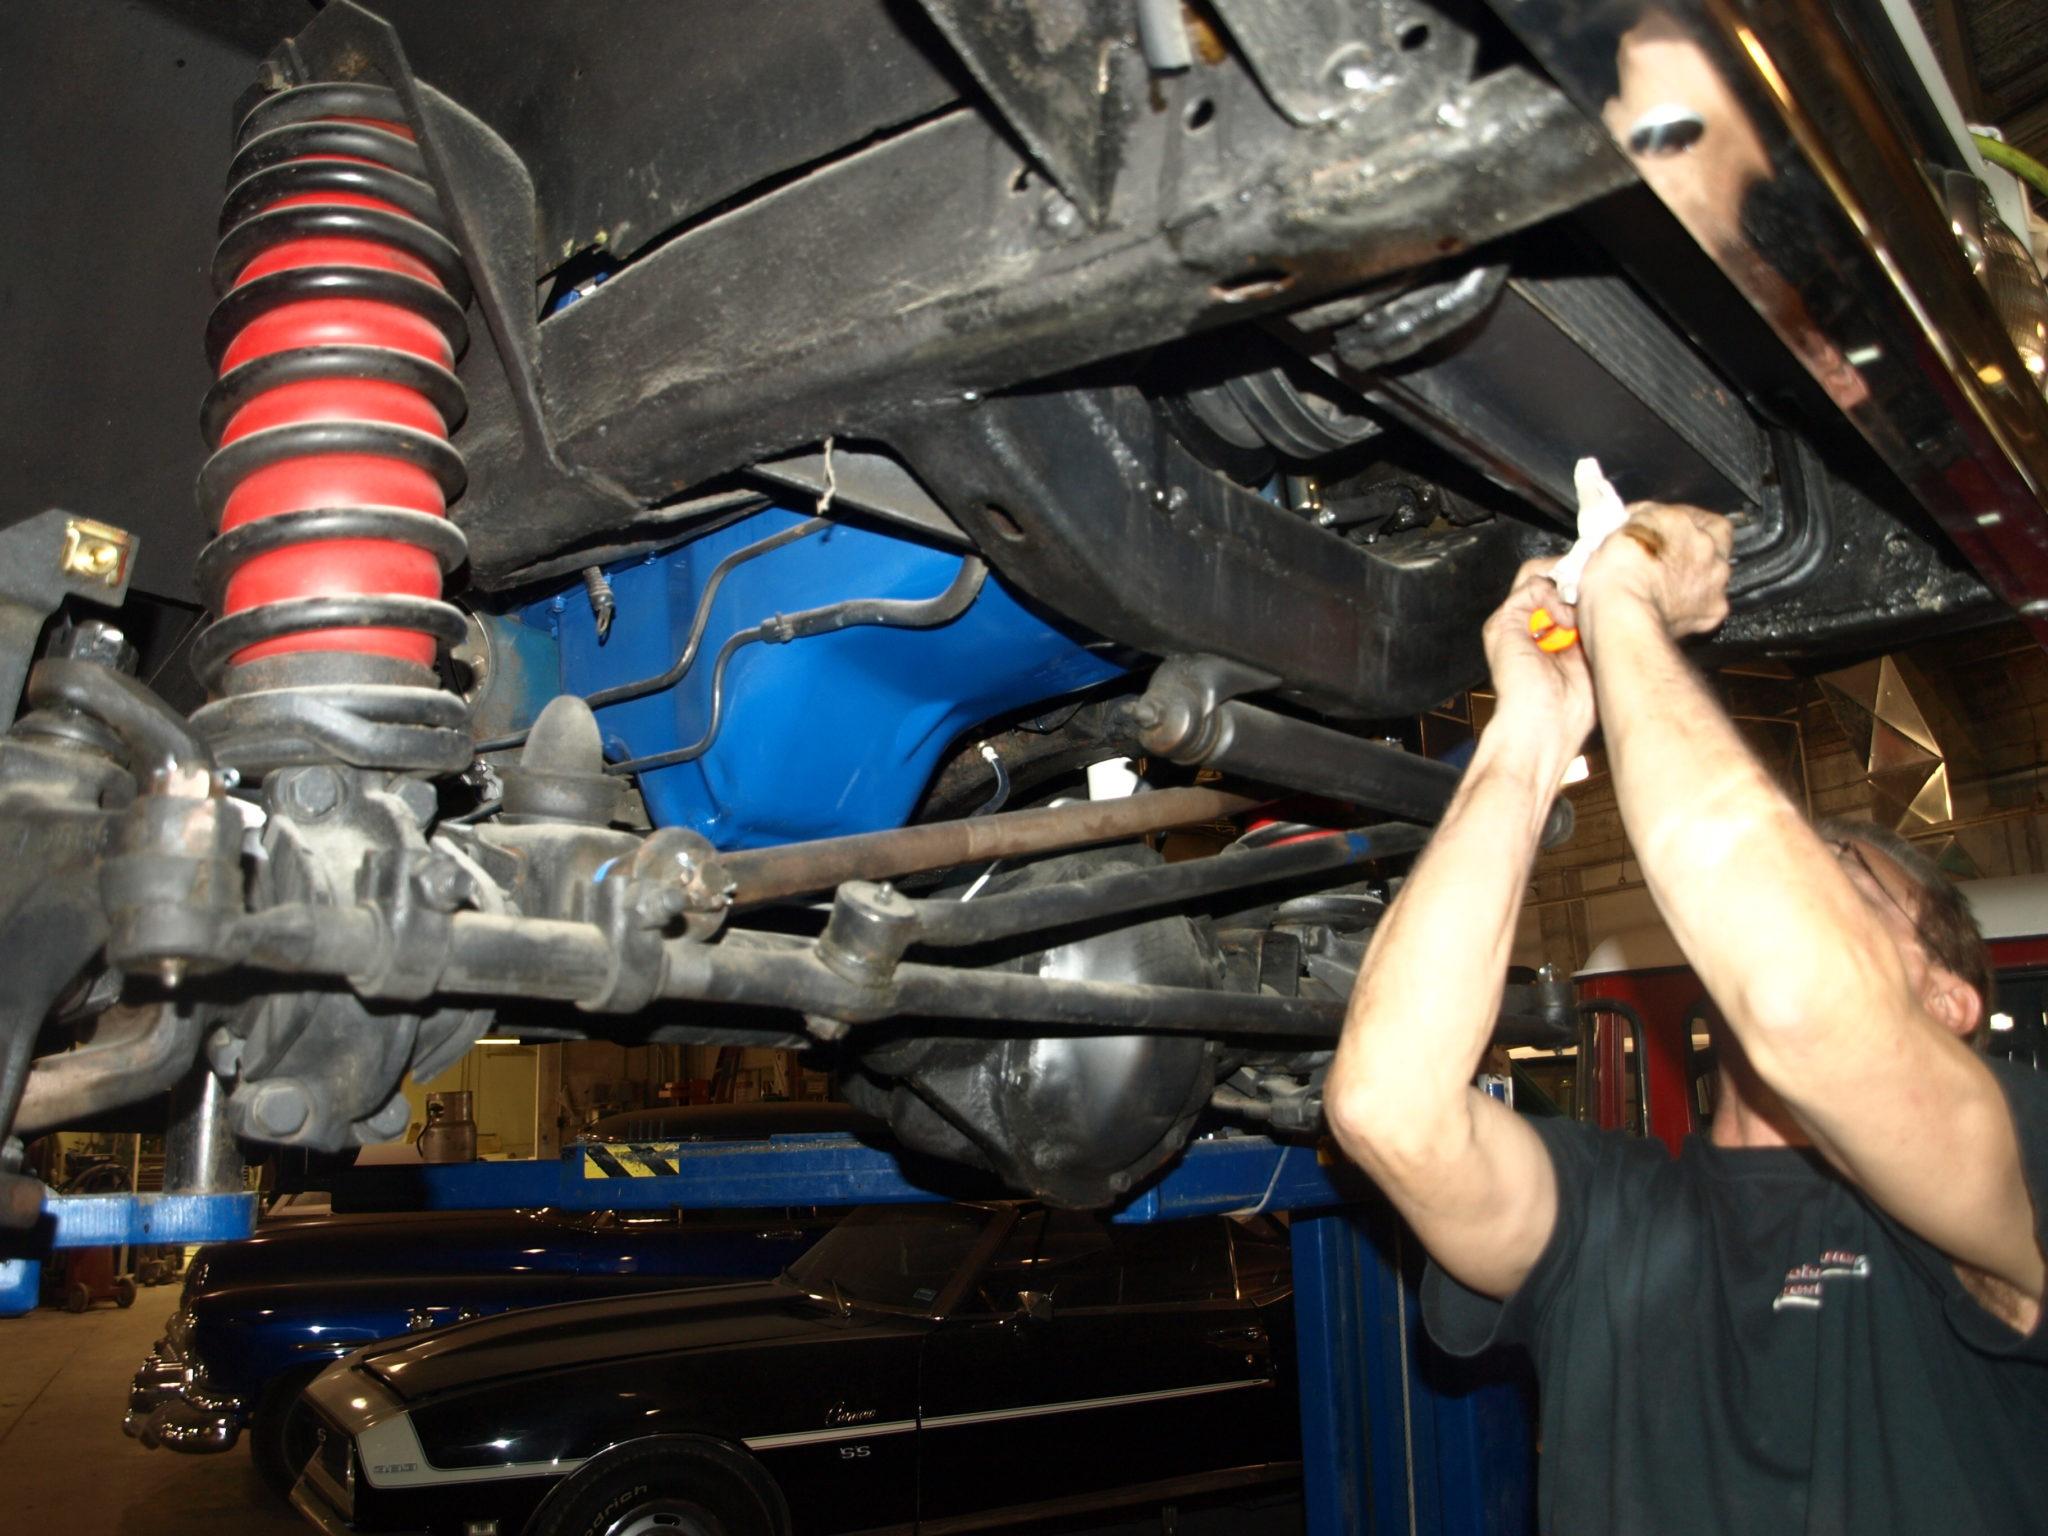 1975 Ford Bronco Precision Car Restoration 1980 Fuel Line